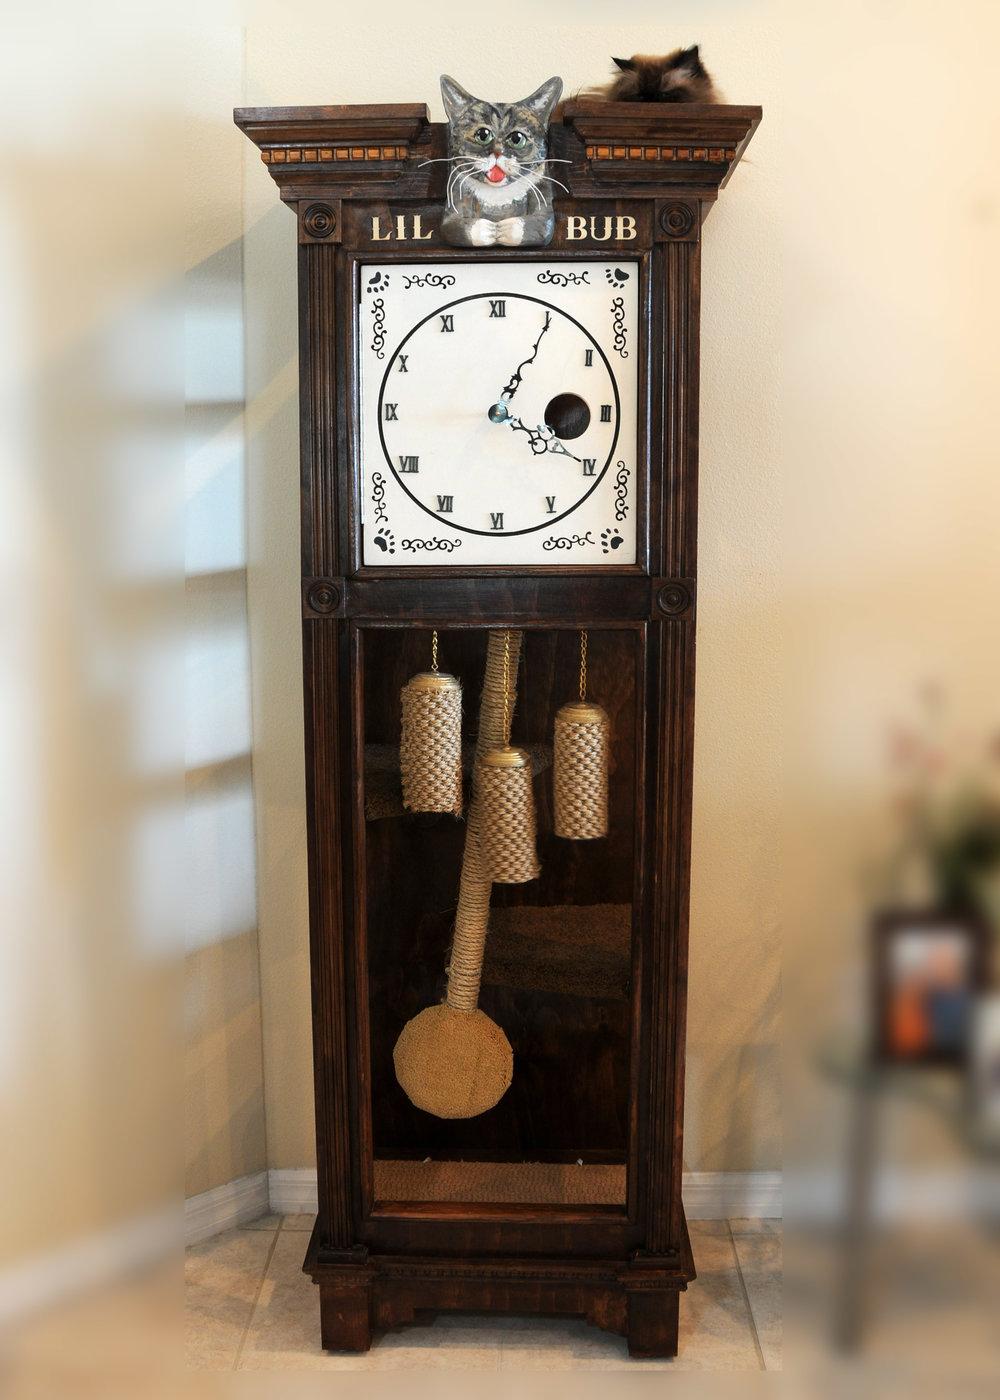 Sq-Paws-Bub-Clock-001.JPG